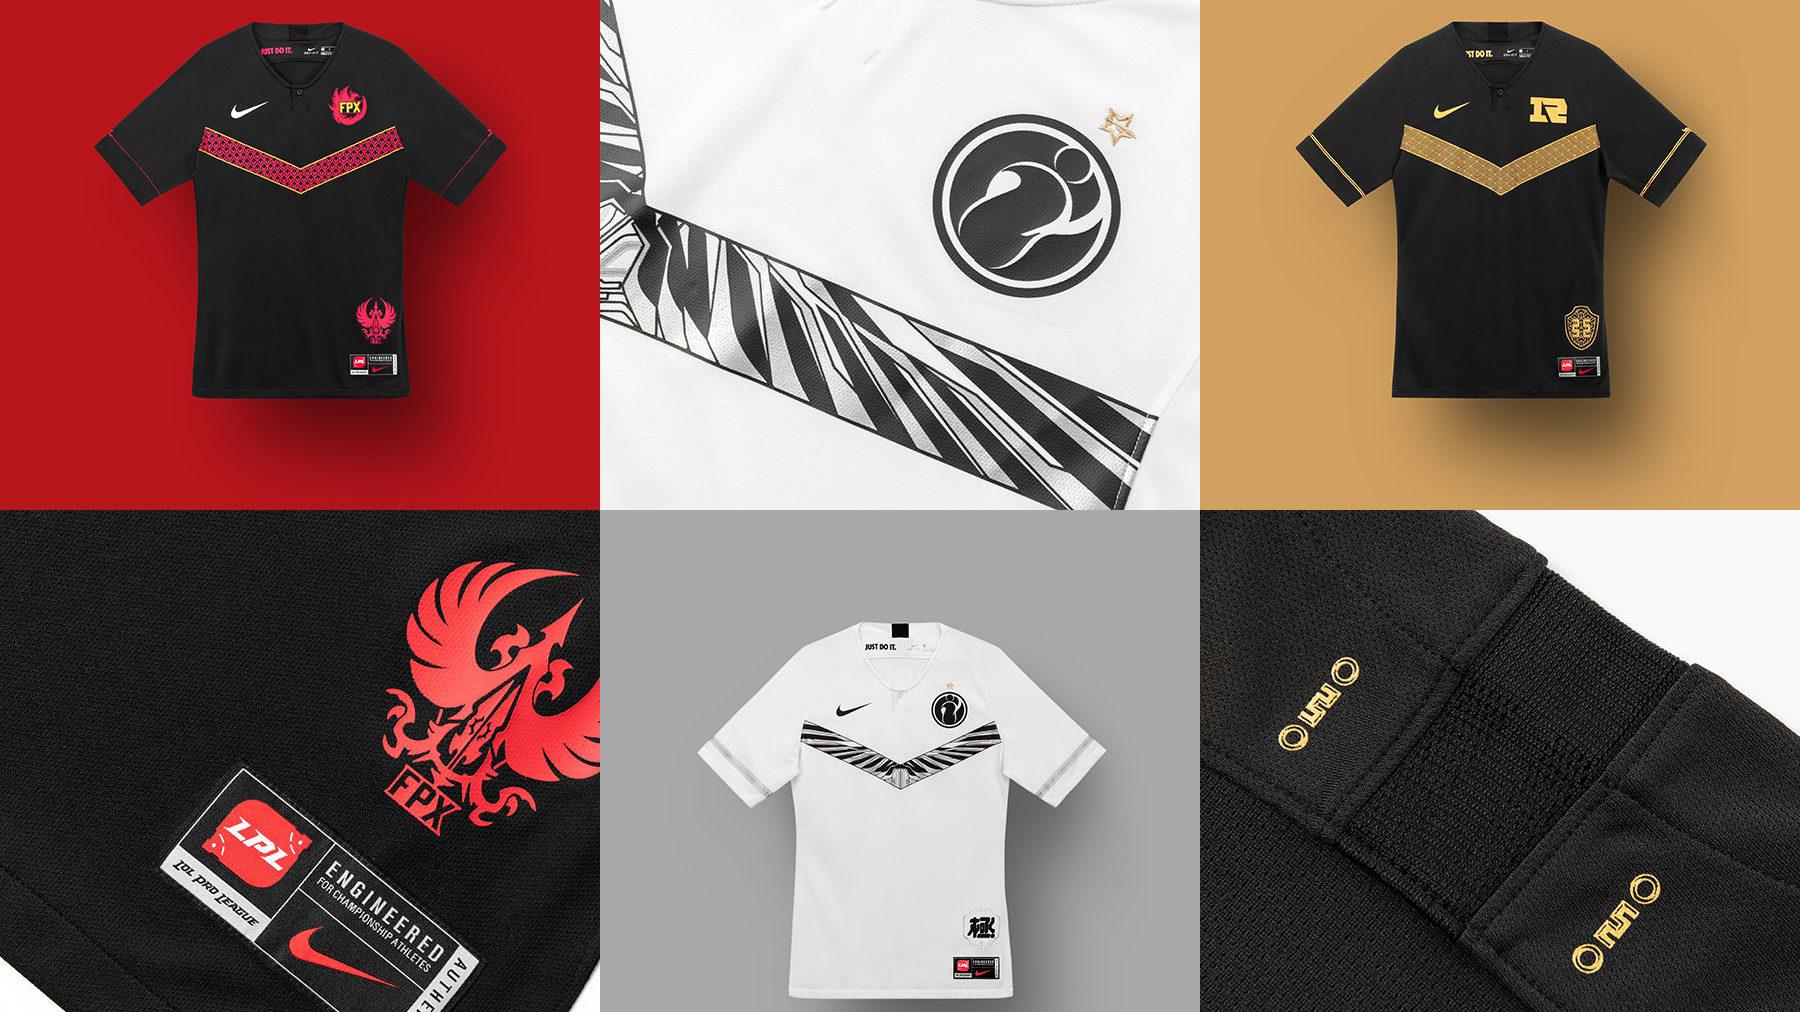 Nike en la LPL - Culturageek.com.ar